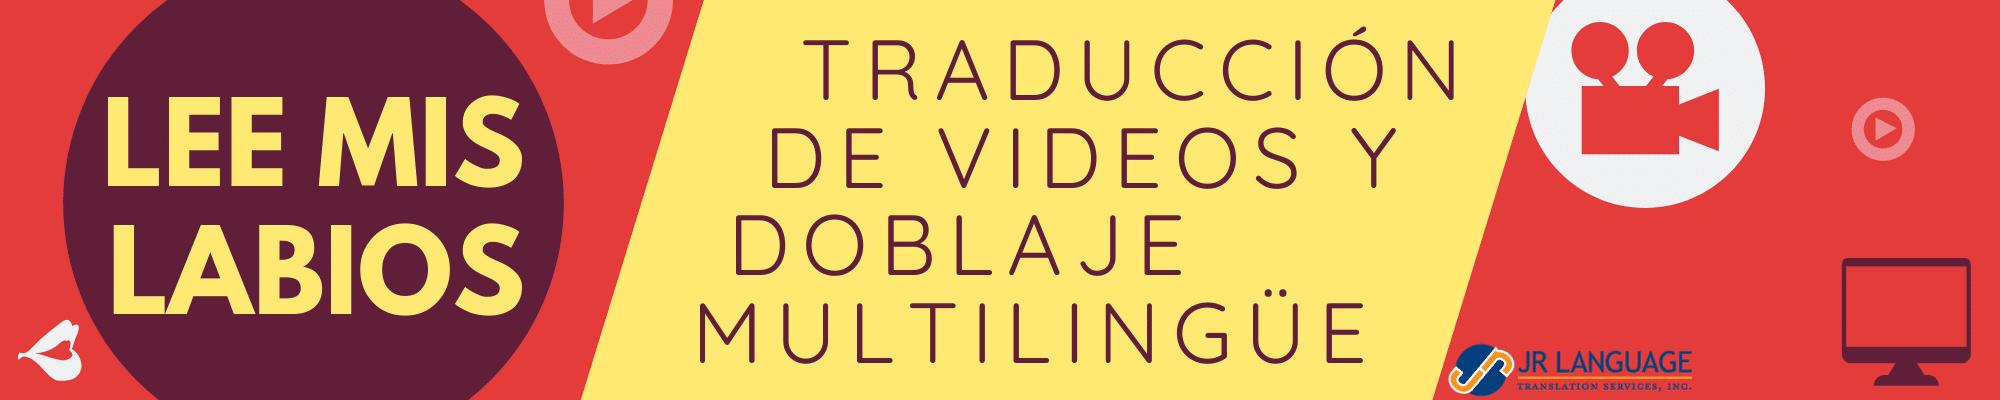 servicios de traducción de videos y doblaje multilingüe